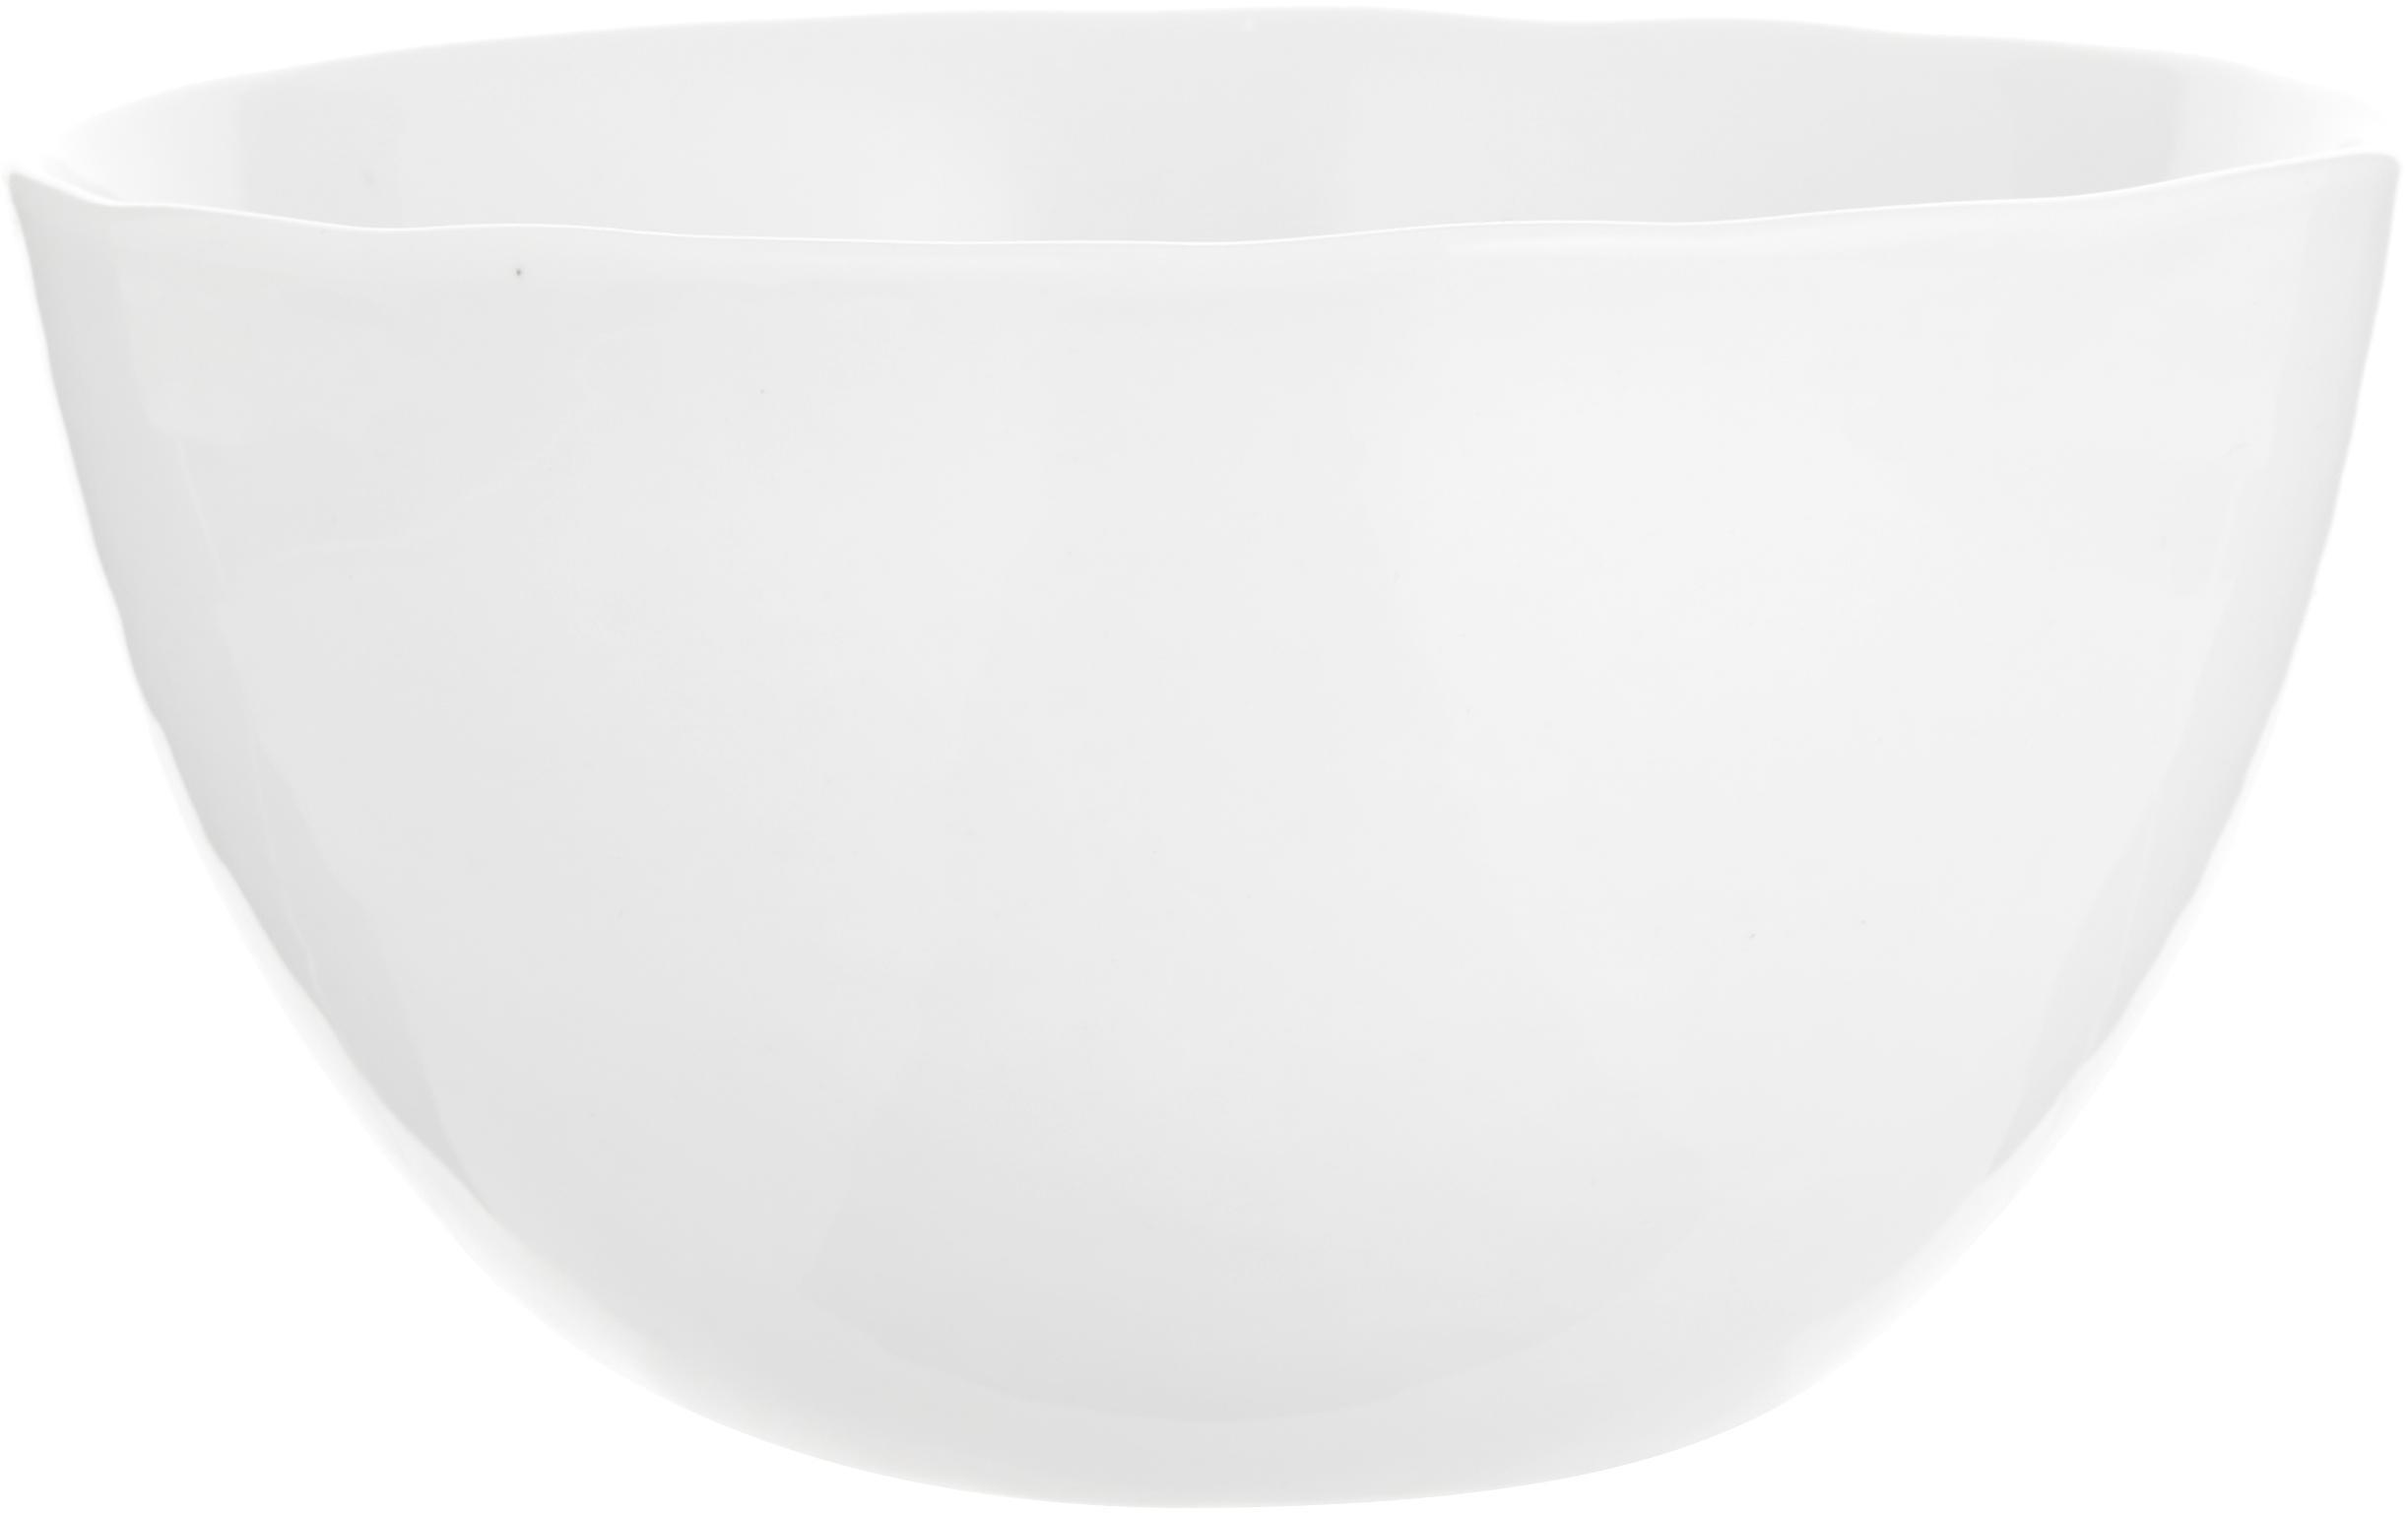 Schälchen Porcelino mit unebener Oberfläche, 6 Stück, Porzellan, gewollt ungleichmässig, Weiss, Ø 15 x H 8 cm